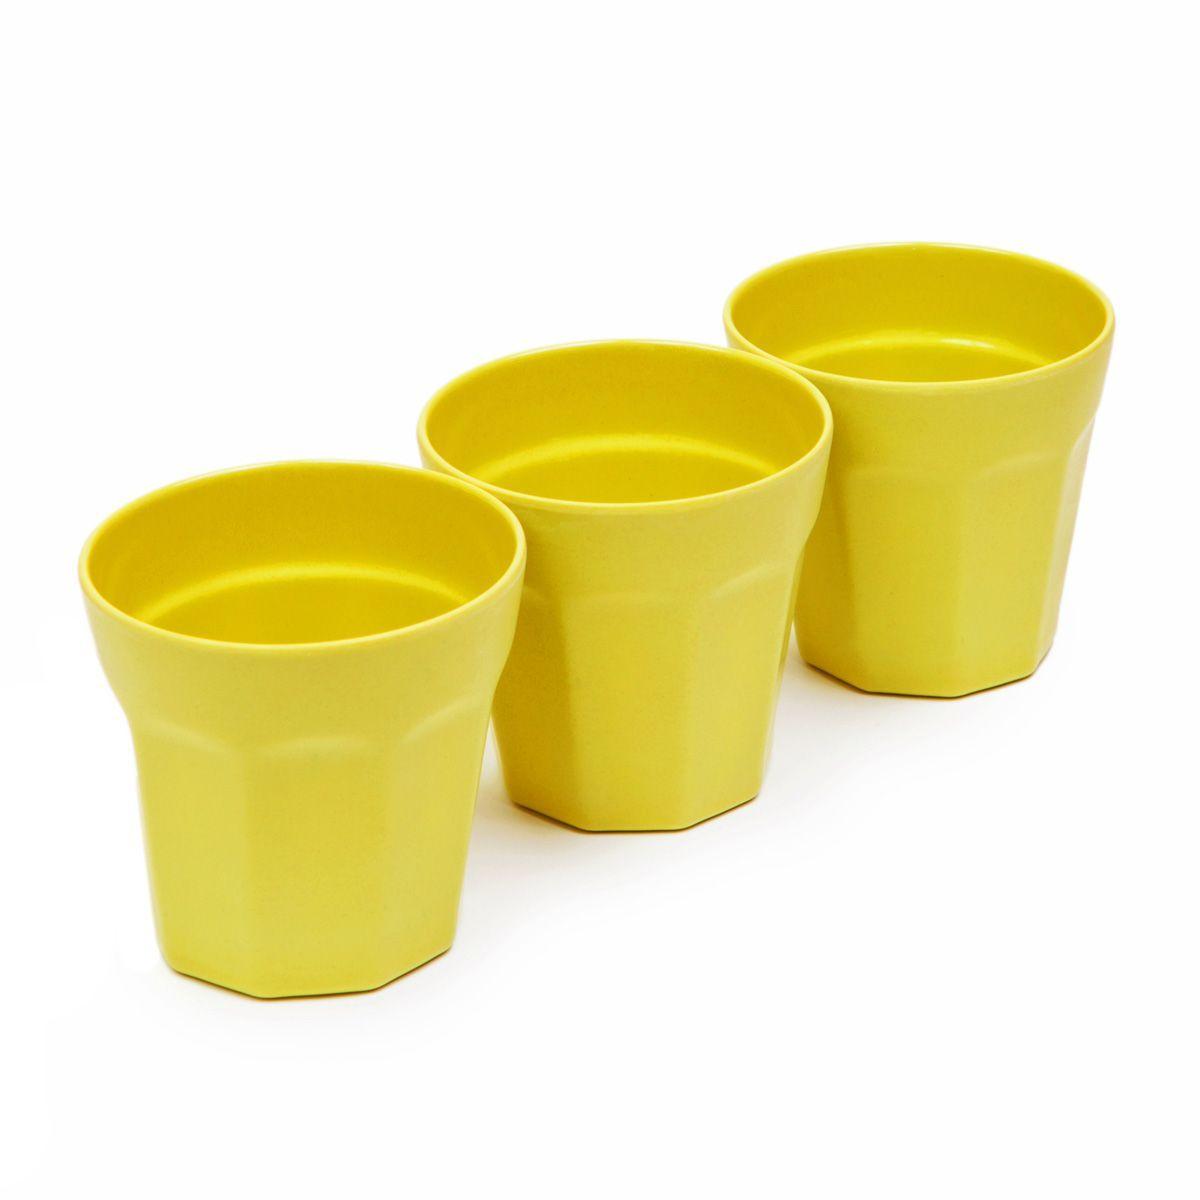 Набор стаканов MoulinVilla, цвет: зеленый, 8,7 х 8,9 см, 3 штTSF-17-GНабор MoulinVilla состоит из трех стаканов. Предметы набора изготовлены из природного бамбука, очищенного от вредных примесей. Для окраски используются натуральные пищевые красители. Бамбук, сам по себе, является природным антисептиком. Эта уникальная особенность посуды гарантирует безопасность при эксплуатации и хранении различных видов пищевой продукции. Можно мыть в посудомоечной машине и в СВЧ-печах. Можно использовать для горячих и холодных продуктов (диапазон температур: от -20°С до 120°С). Диаметр стакана по верхнему краю: 8,7 см. Высота стенки стакана: 8,9 см.